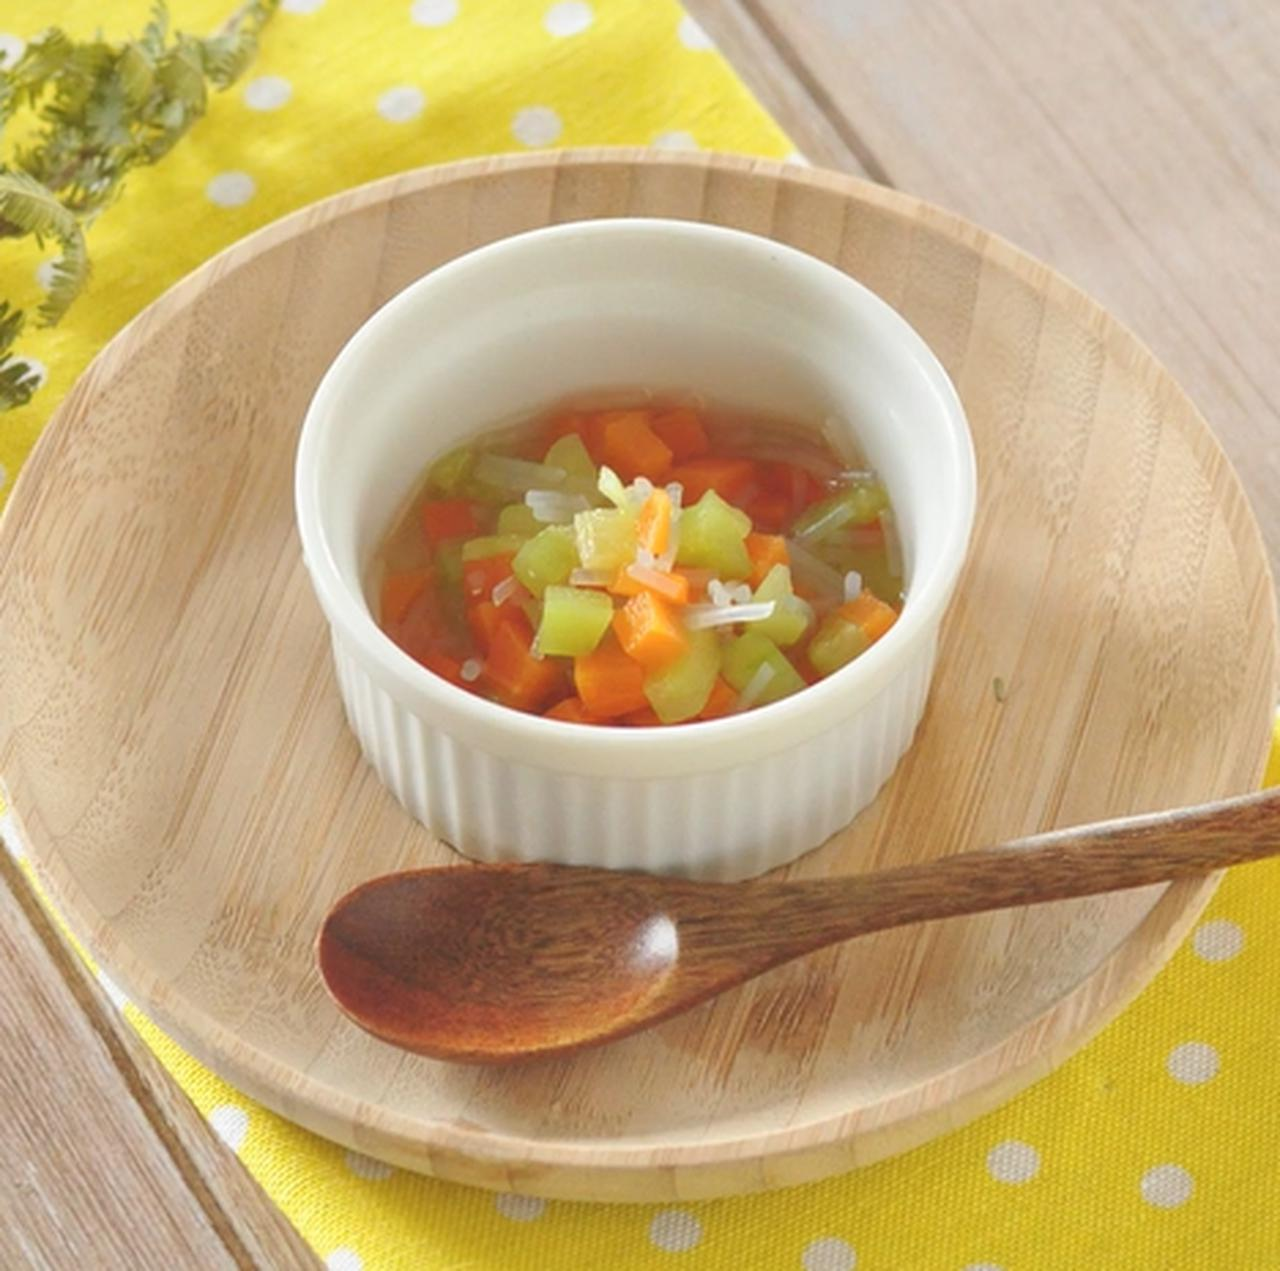 画像: 離乳食 中期レシピ!きゅうりと春雨の煮物 - 君とごはん